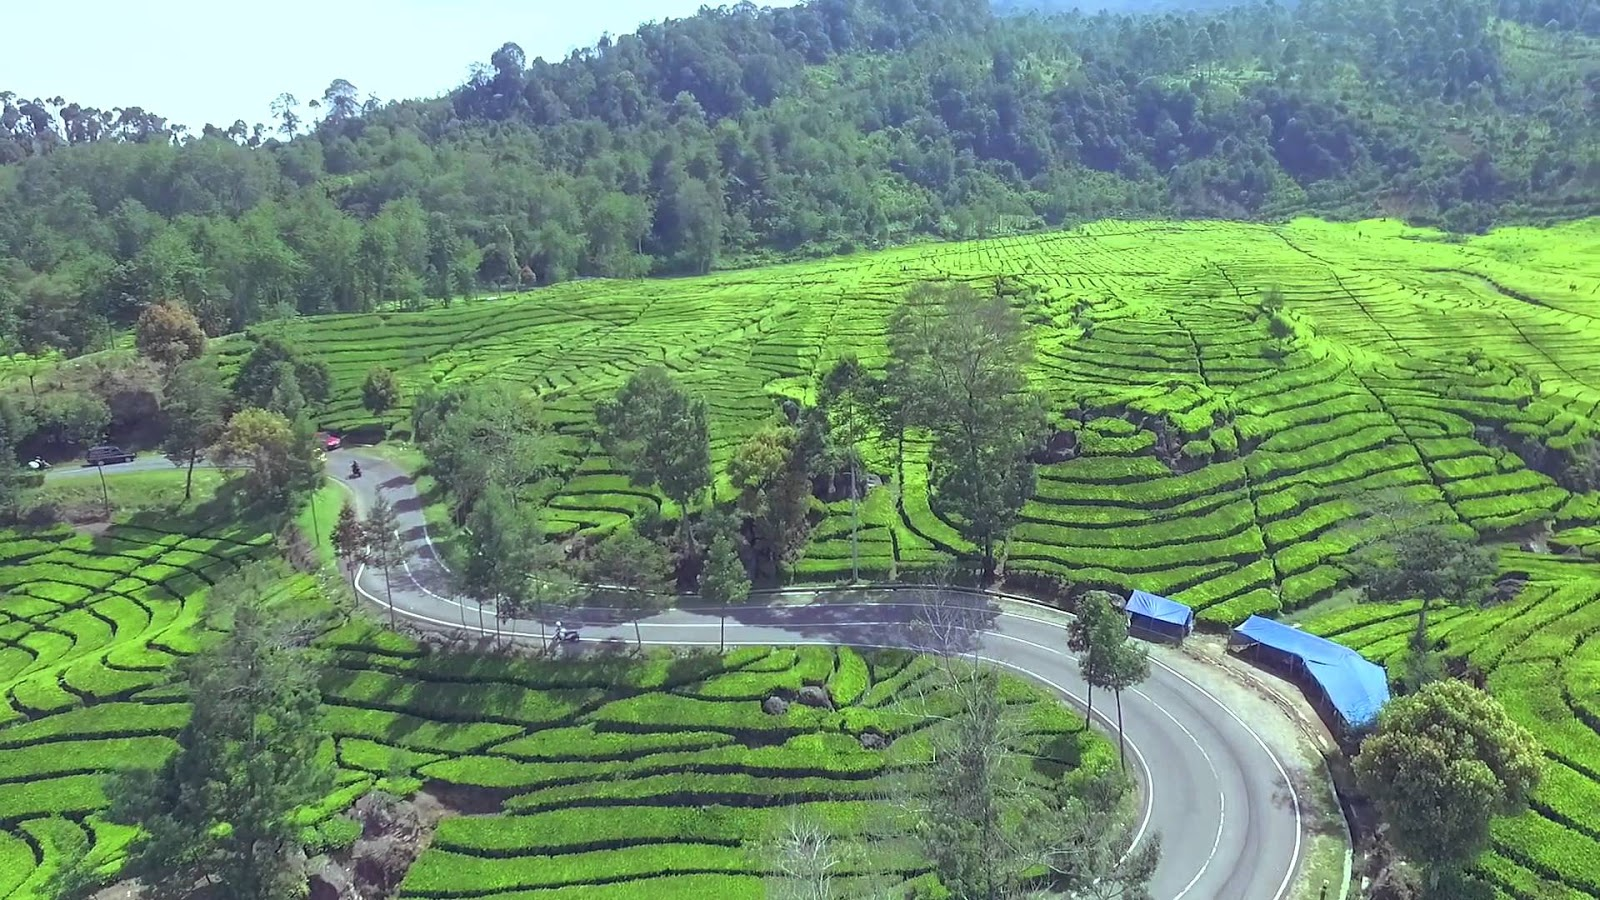 Pemandangan Desa Persawahan Keindahan Sawah